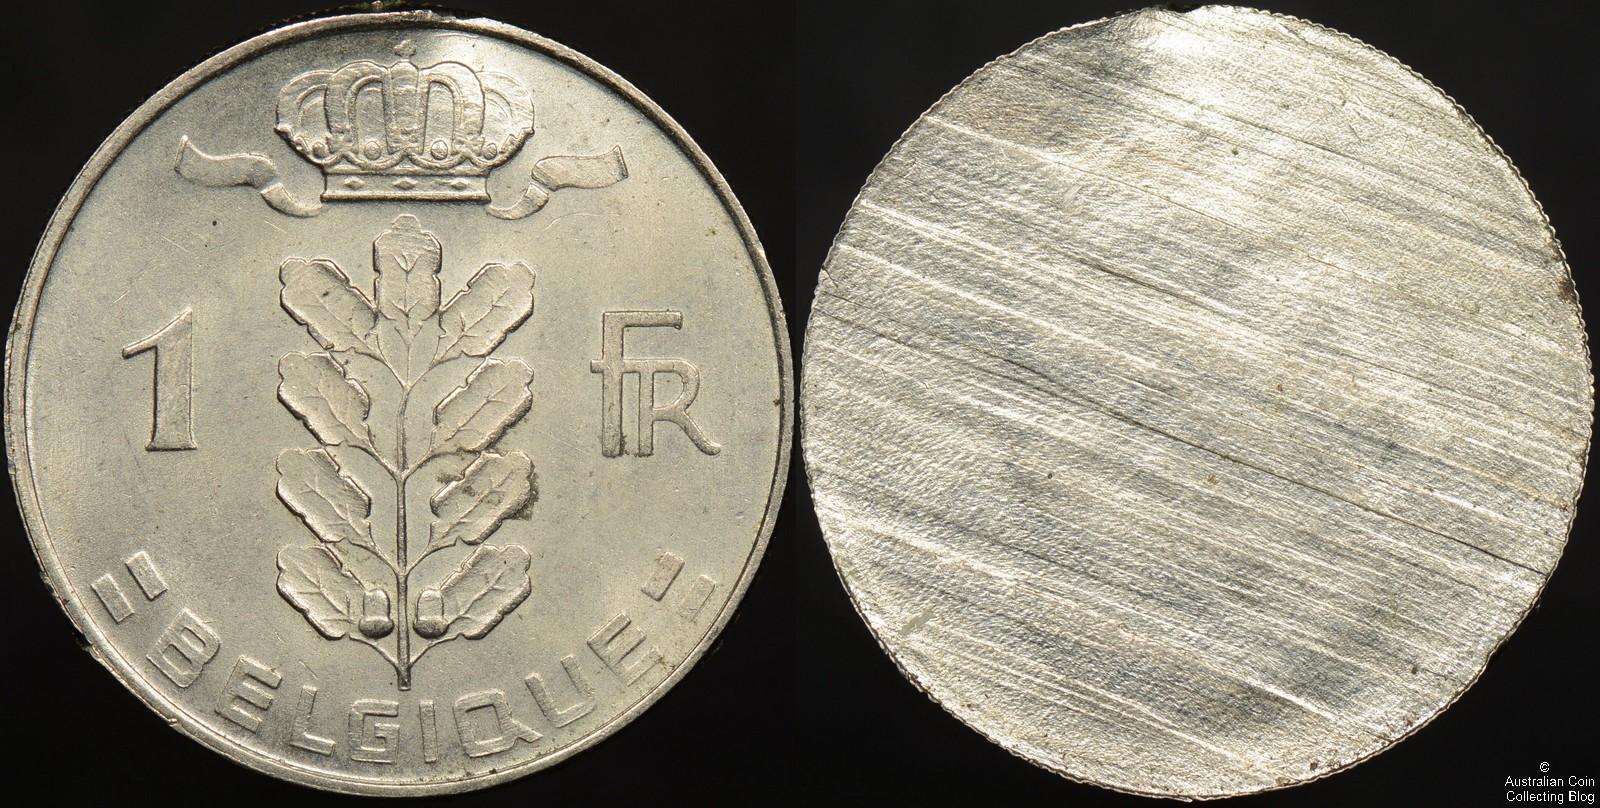 Belgium 1950-1988 Franc Split Planchet Error